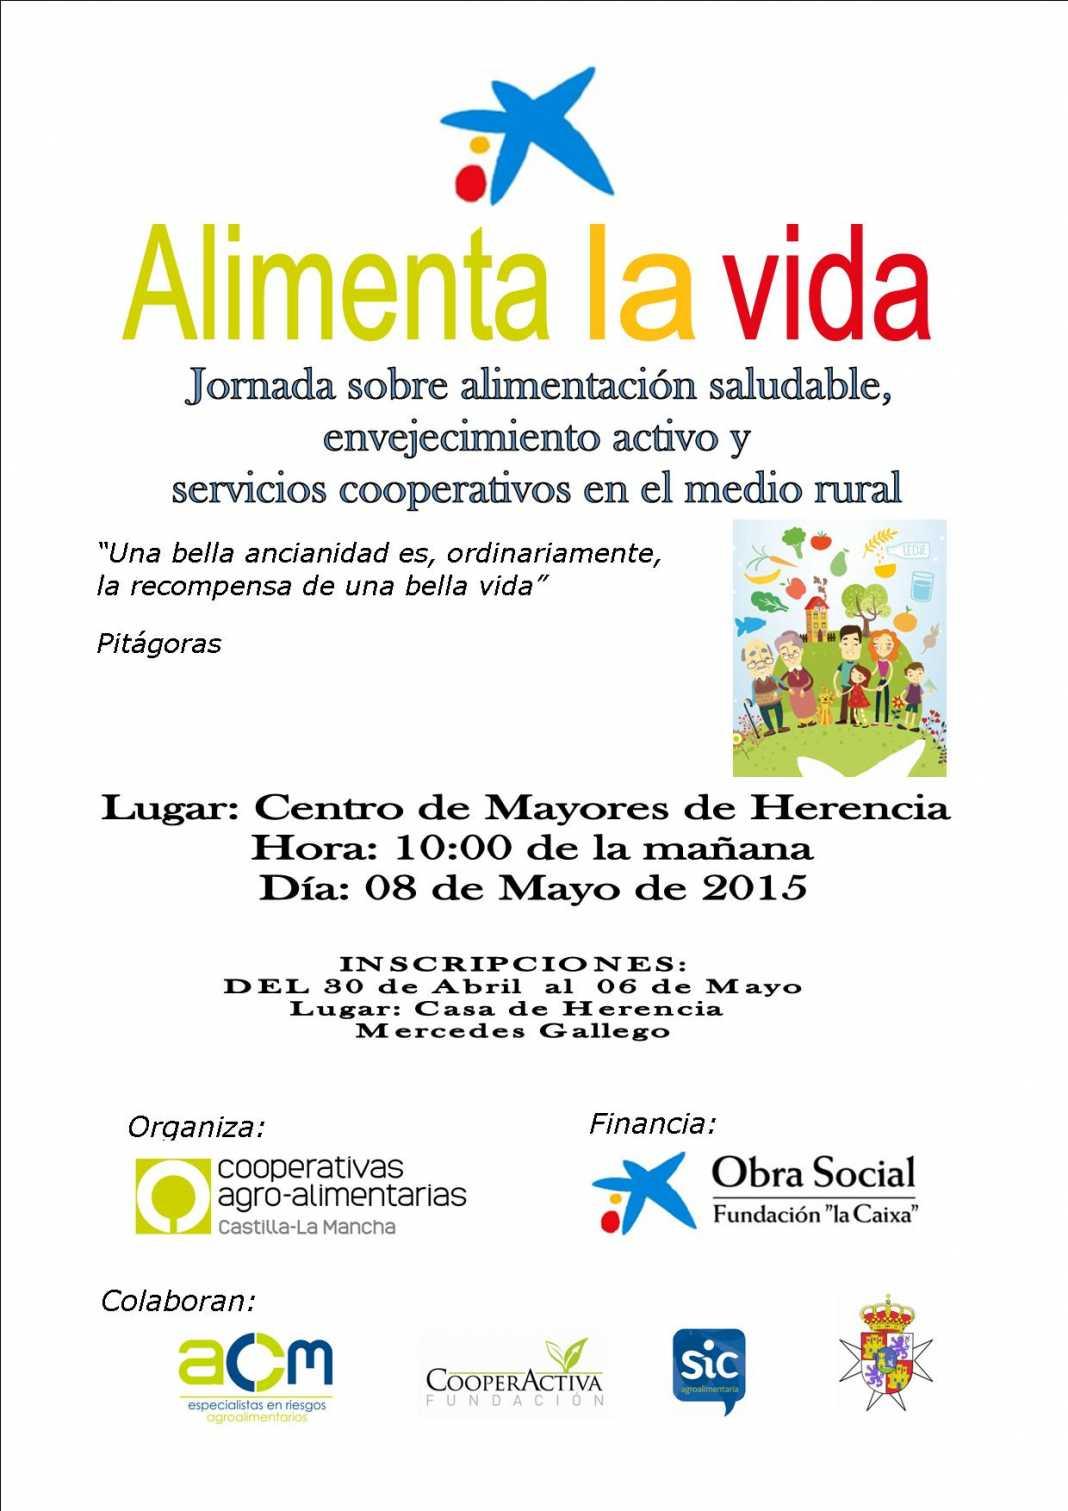 Cooperativas Agroalimentarias organiza una jornada sobre alimentación saludable y envejecimiento activo 1